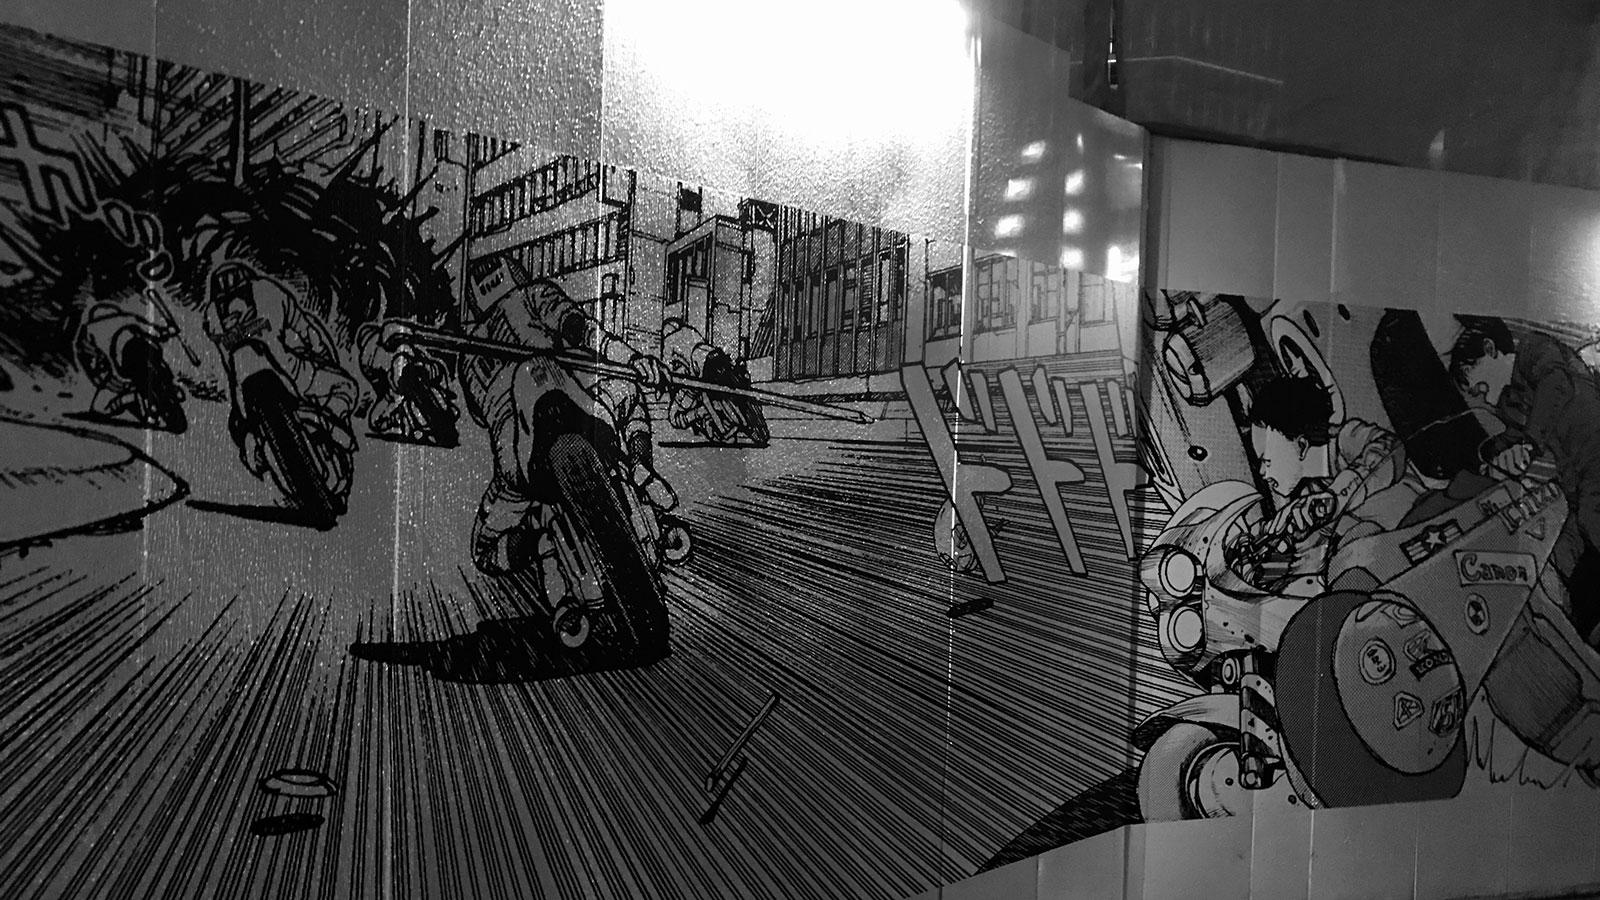 渋谷パルコ跡地工事現場の工事囲いに描かれたAKIRA